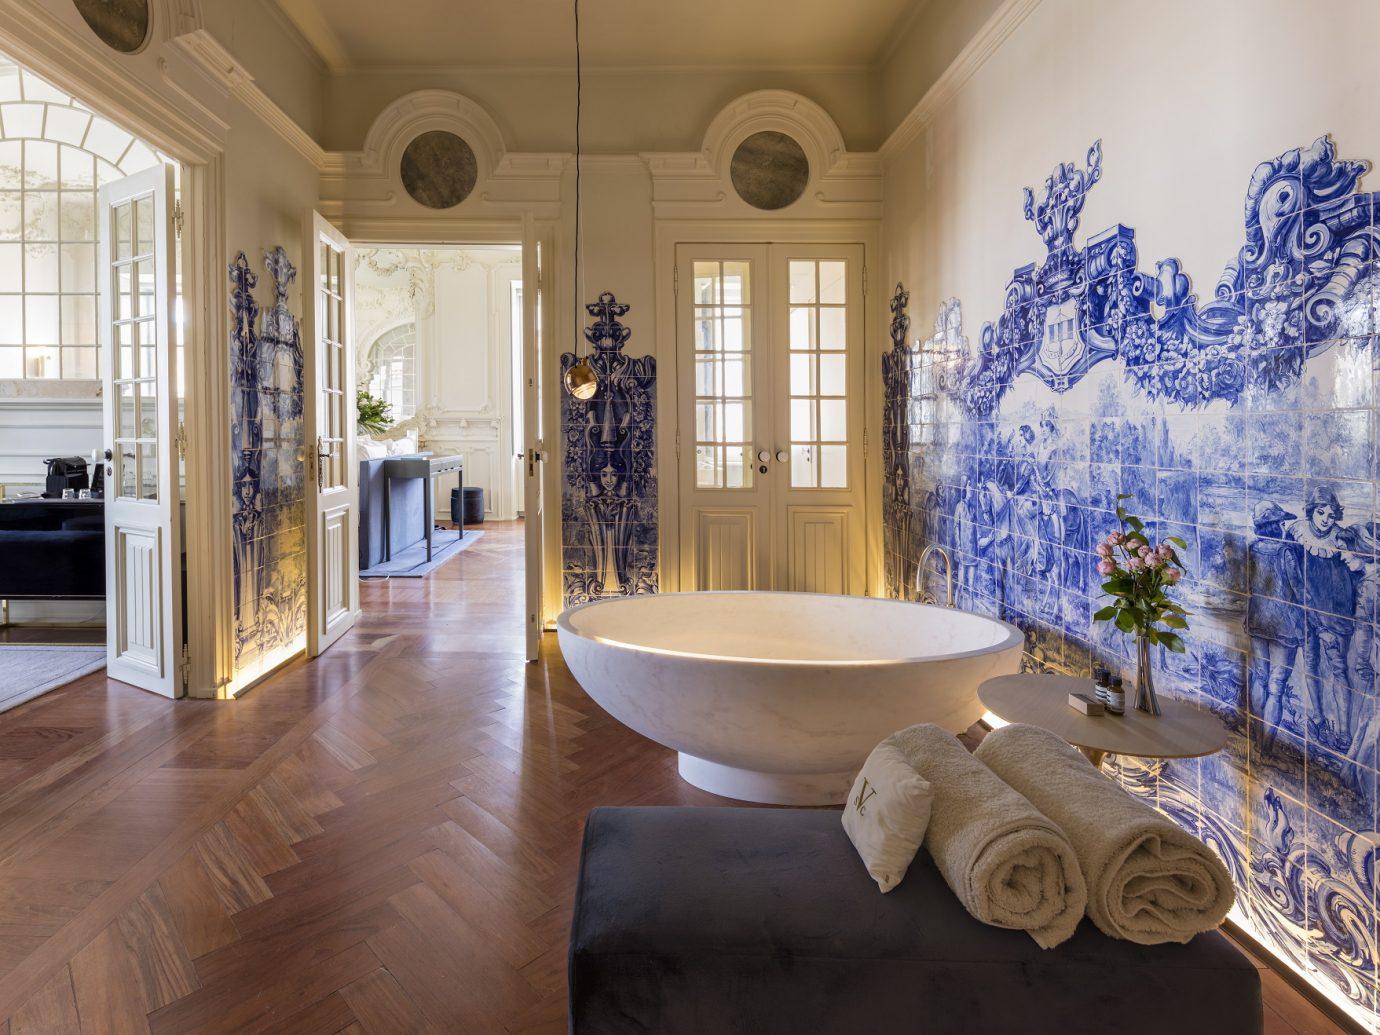 bathtub in a suite at Verride Palácio Santa Catarina